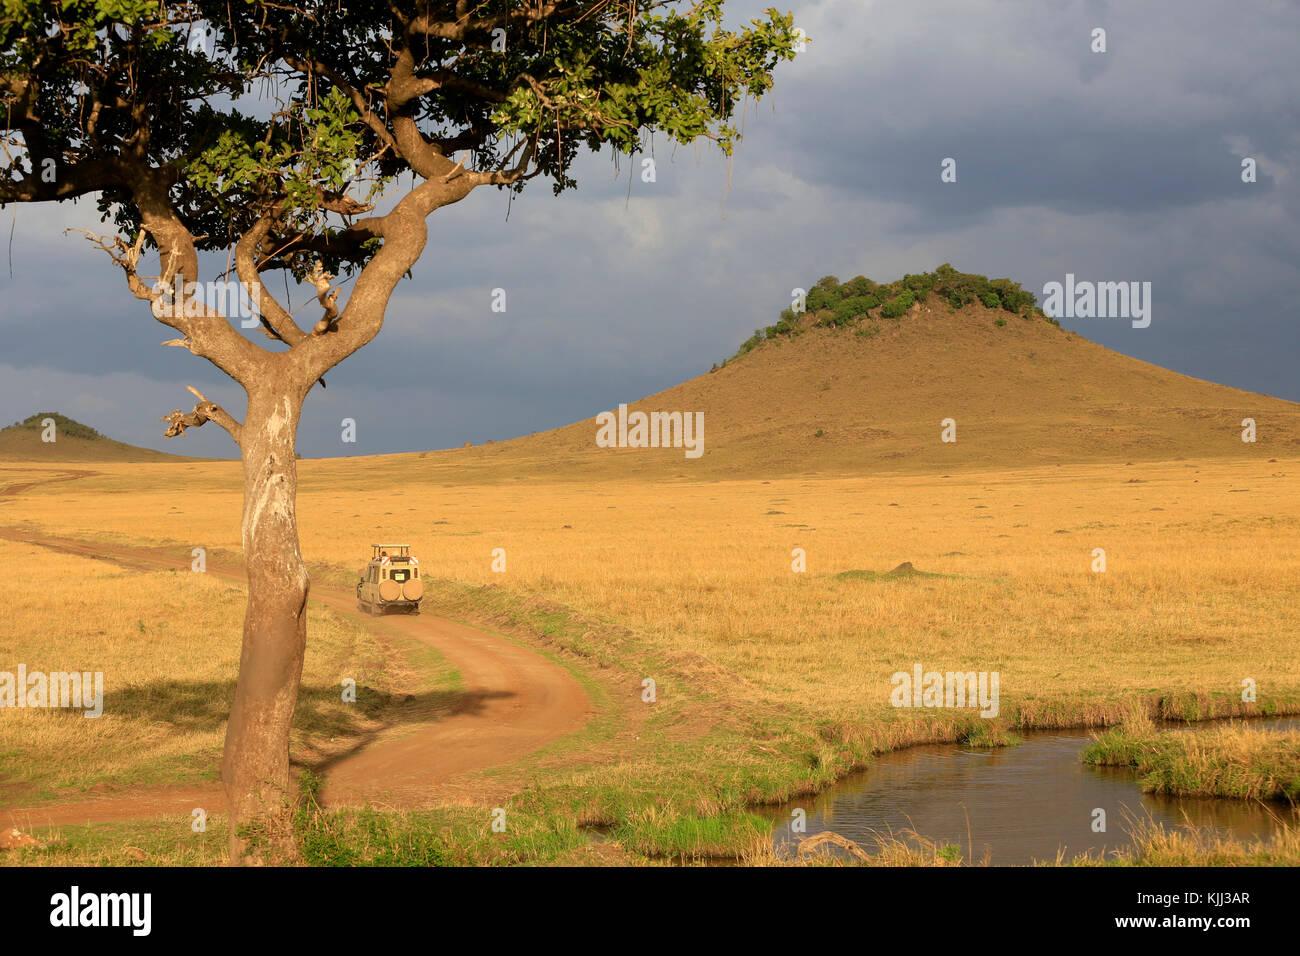 Einem Off-Road-Fahrzeug in der Afrikanischen Savanne. Masai Mara Game Reserve. Kenia. Stockbild